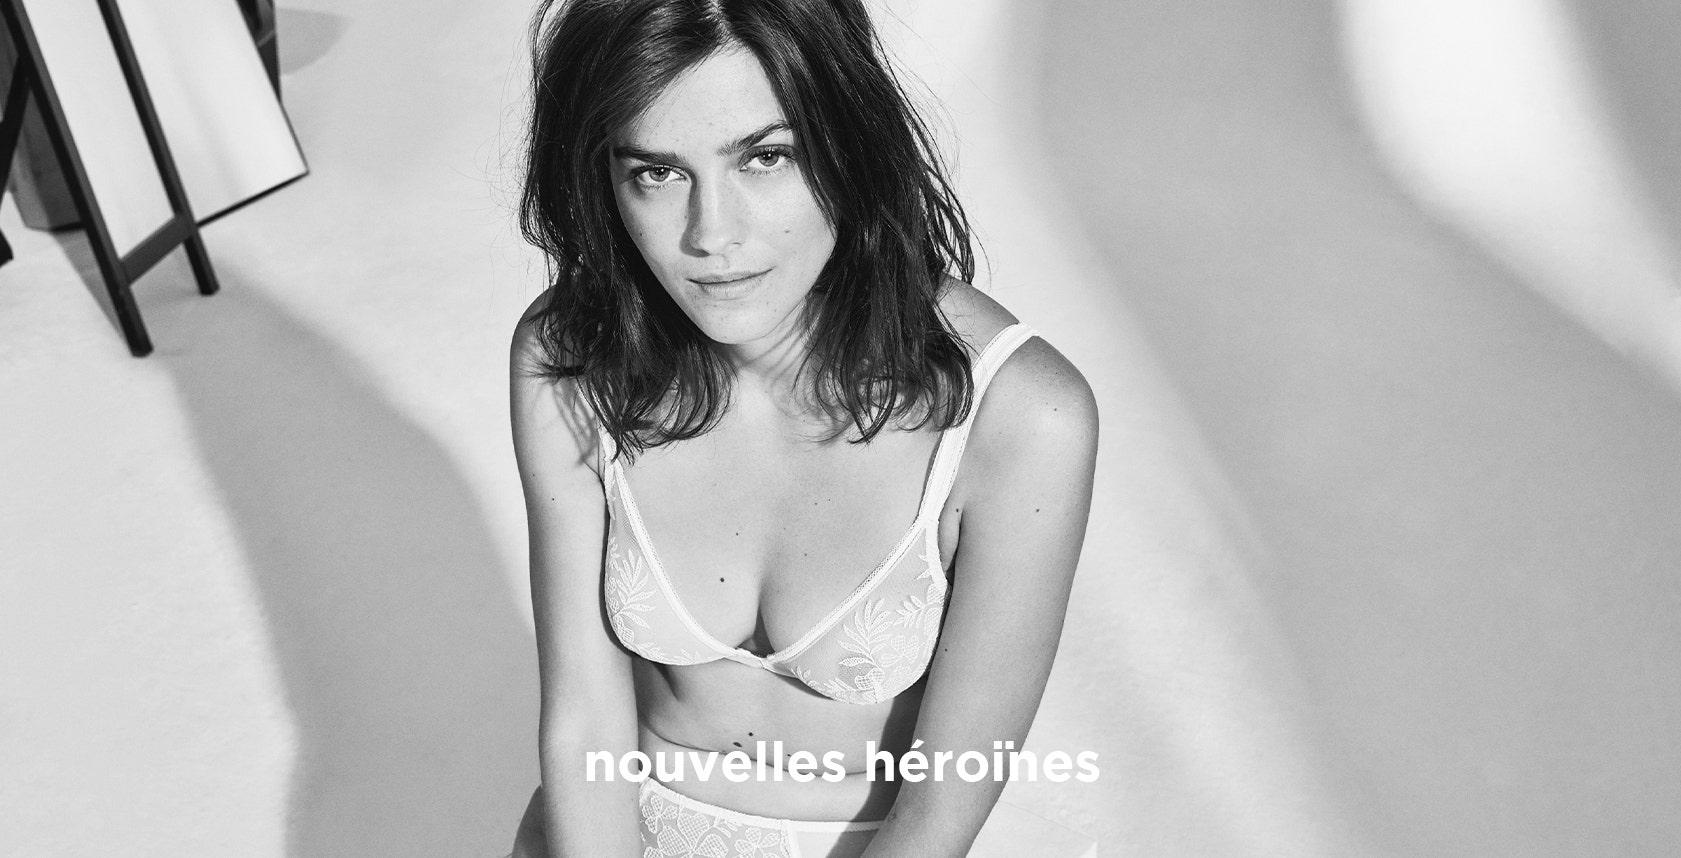 Nouveau chapitre : nouvelles héroïnes par Simone Pérèle | Simone Pérèle